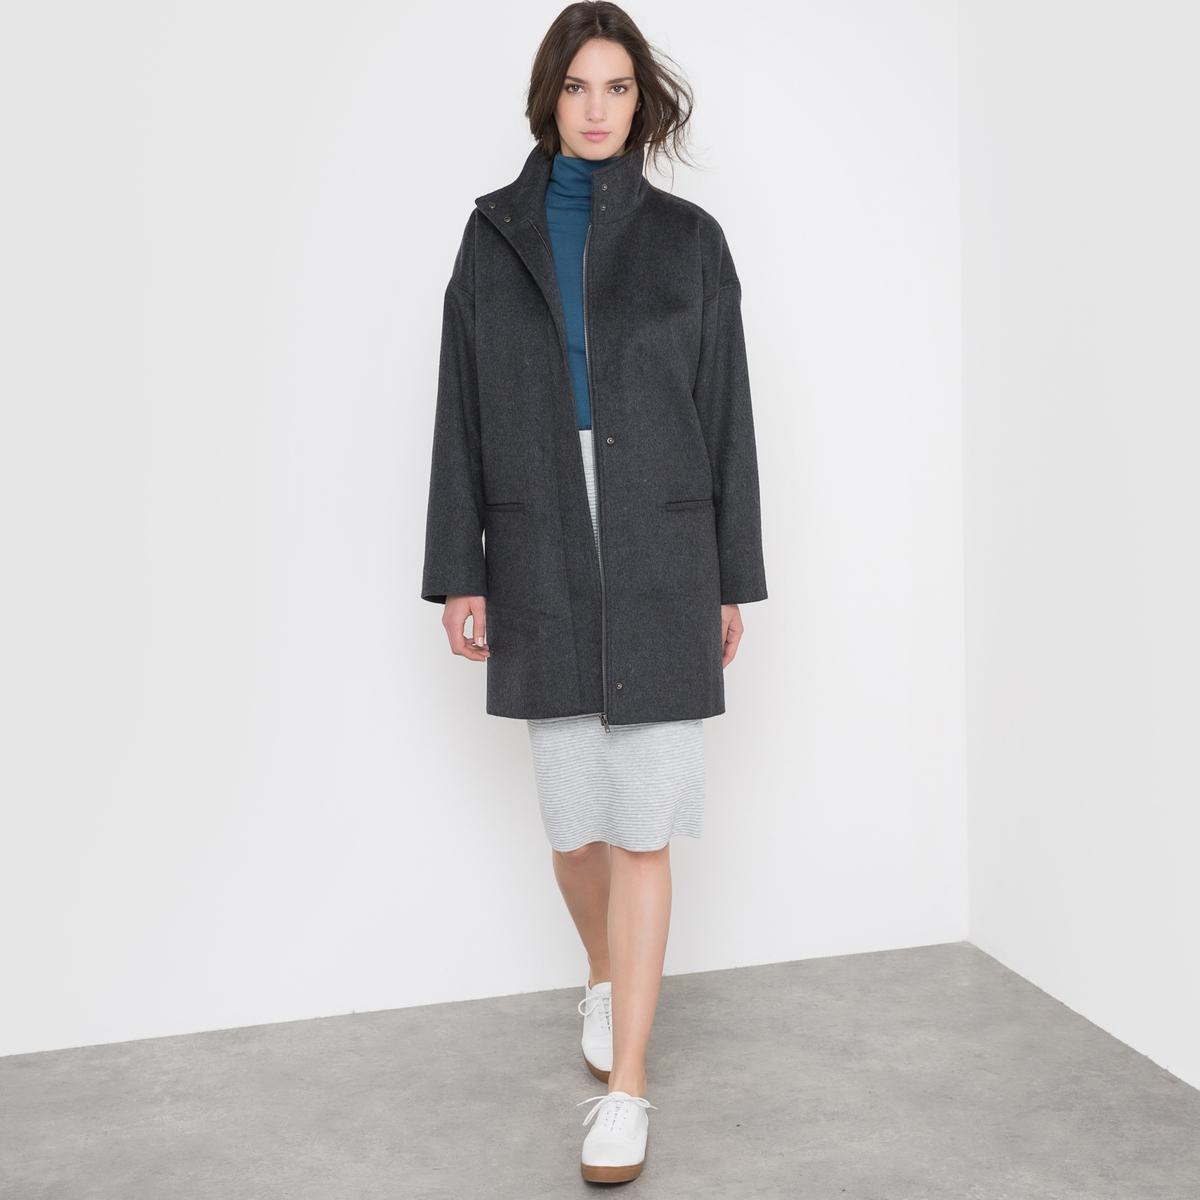 Пальто свободного покроя, 50% шерсти